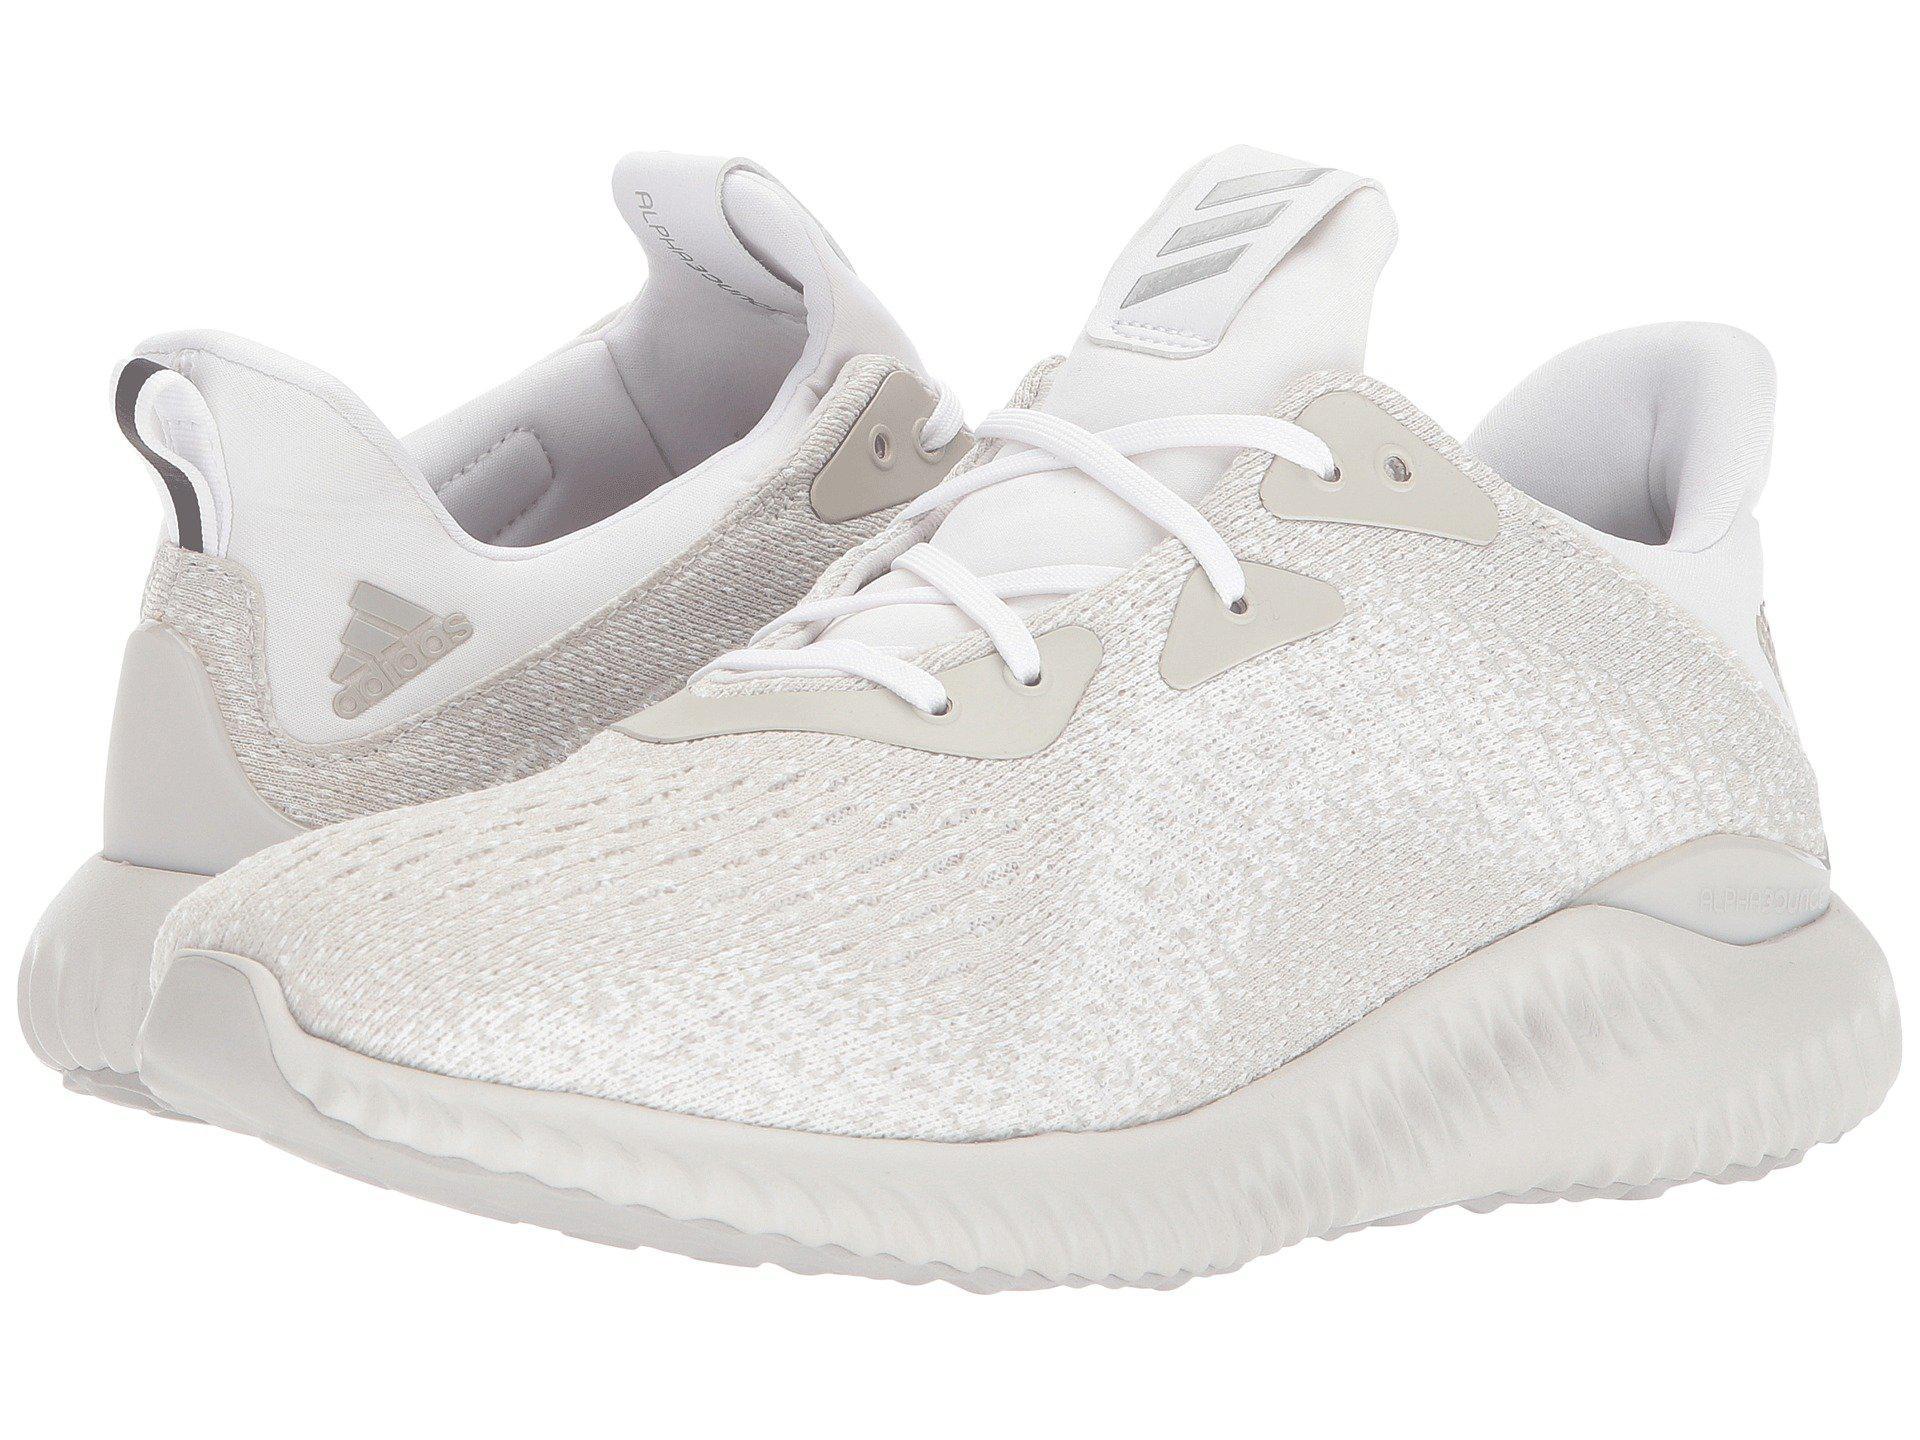 b8ab84605 Lyst - Adidas Originals Alphabounce Em (footwear White silver ...